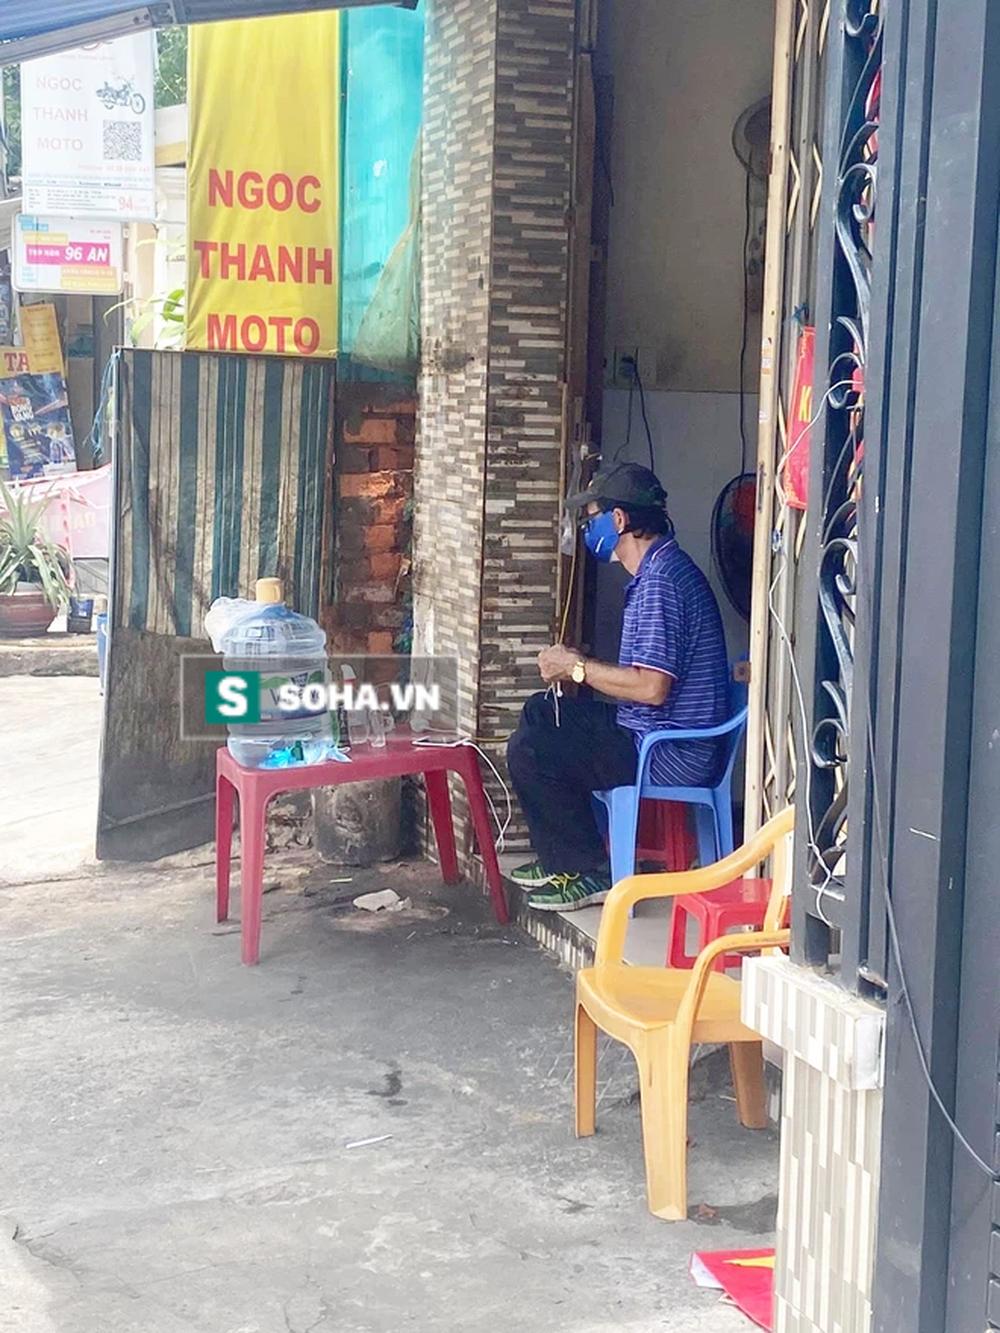 Cô gái trẻ ra chốt phong tỏa rình chụp trộm ông chú U70, phản ứng sau đó khiến tất thảy cười chảy nước mắt - Ảnh 1.